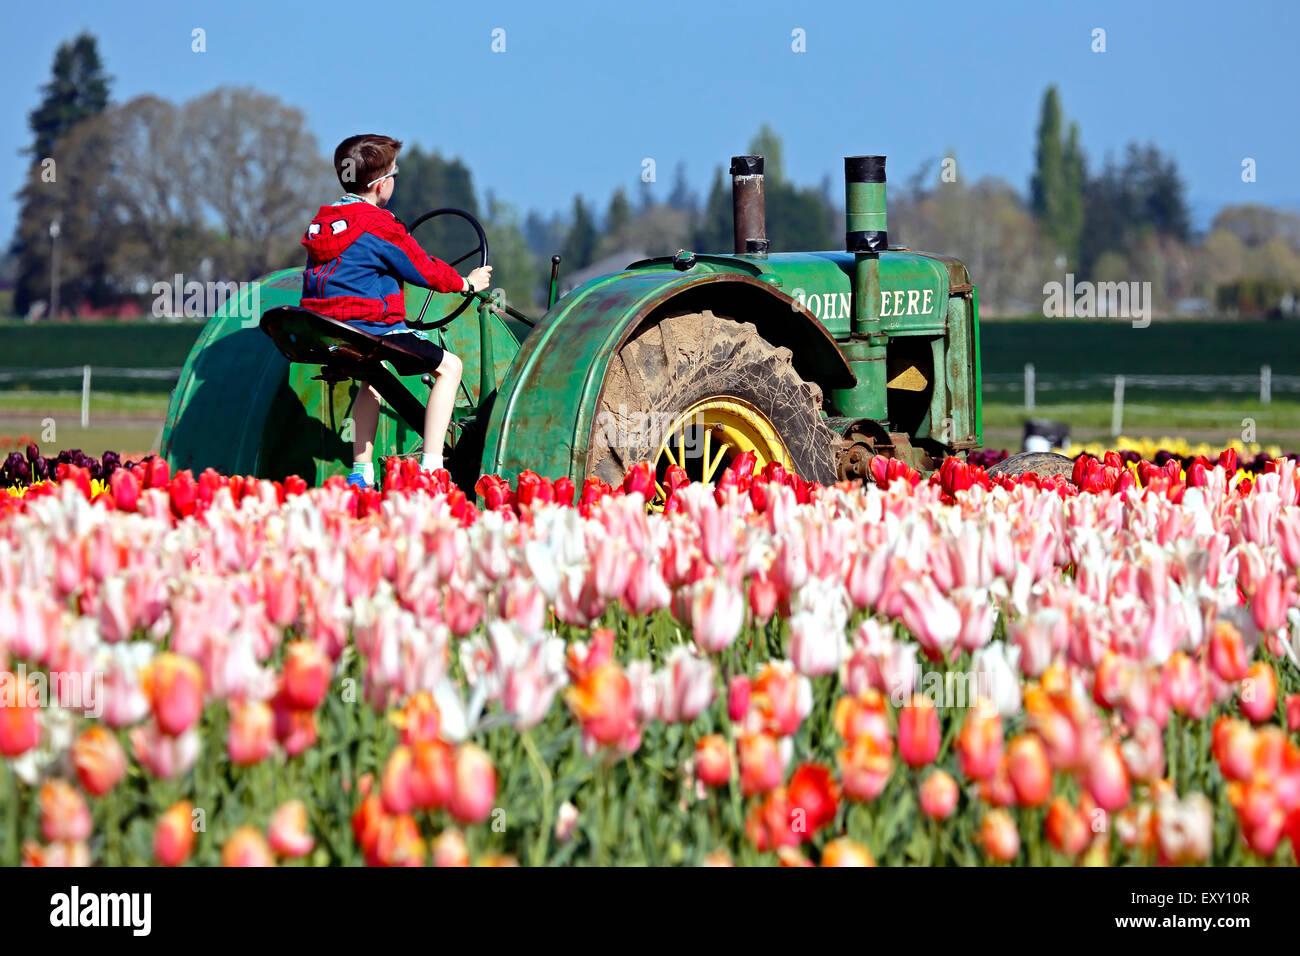 Bunten Tulpenfeld und junge sitzt auf Traktor, Tulip Fest, hölzerne Schuh Tulip Farm, Woodburn, in der Nähe Stockbild